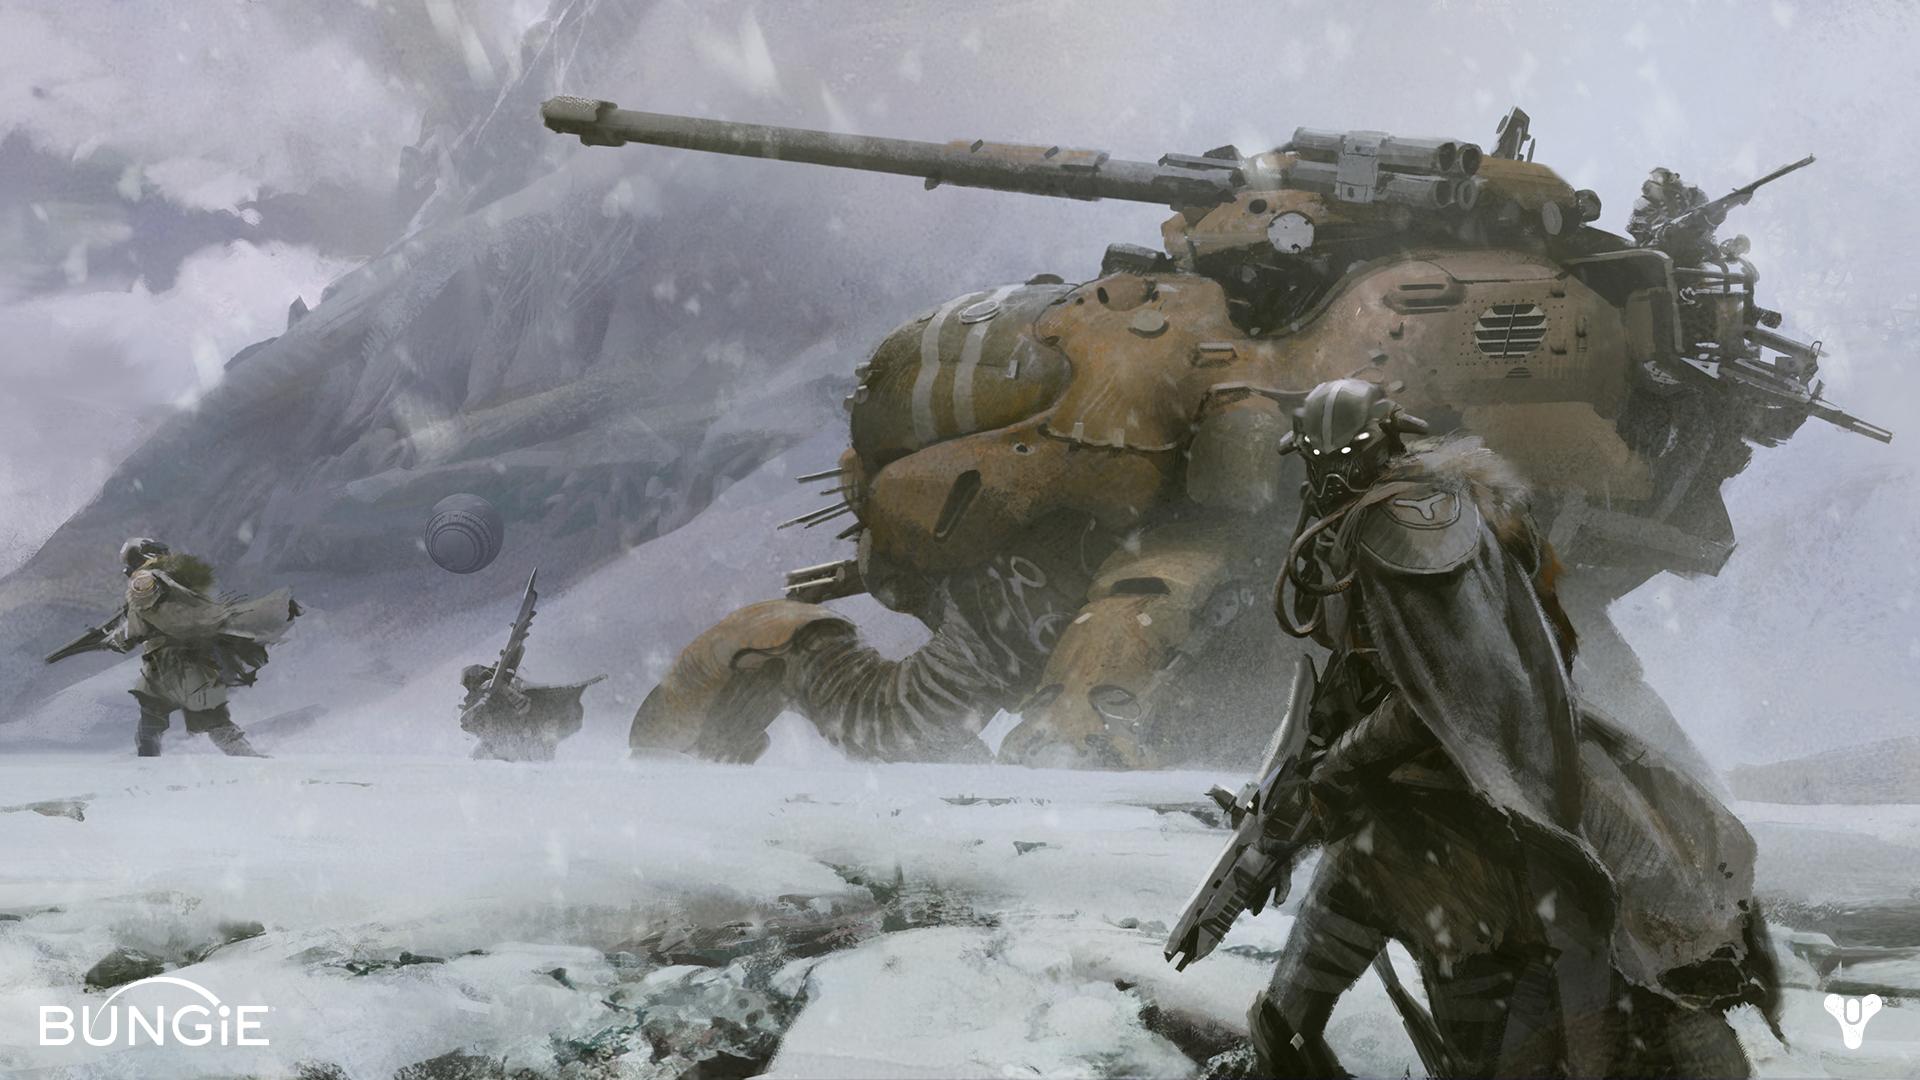 Bungie no confirma, pero tampoco descarta la llegada de Destiny a PC